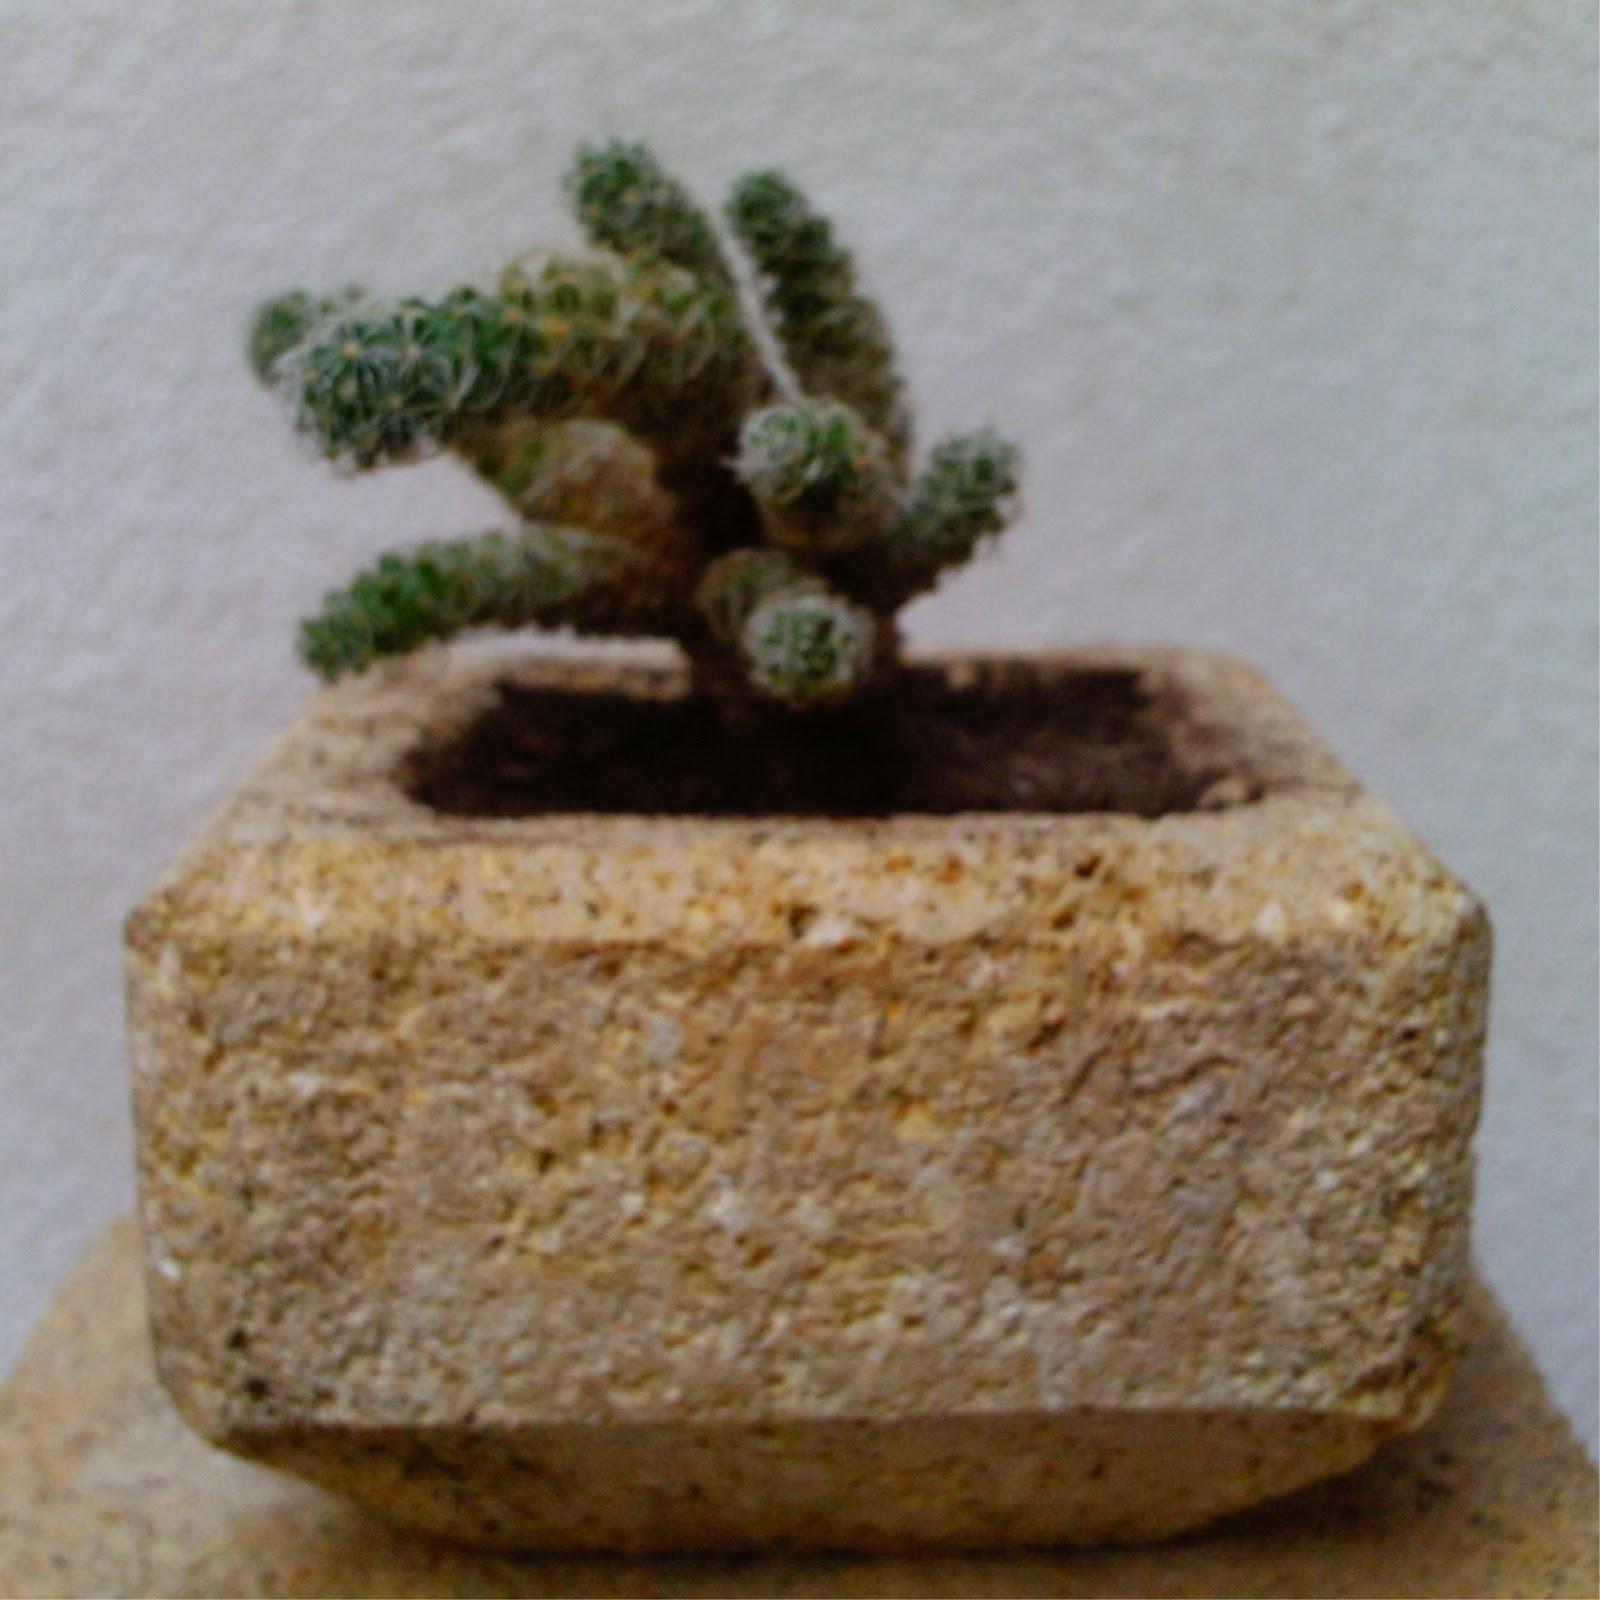 Artesan a en piedra natural ram n y su escalfilador - Cactus en macetas pequenas ...